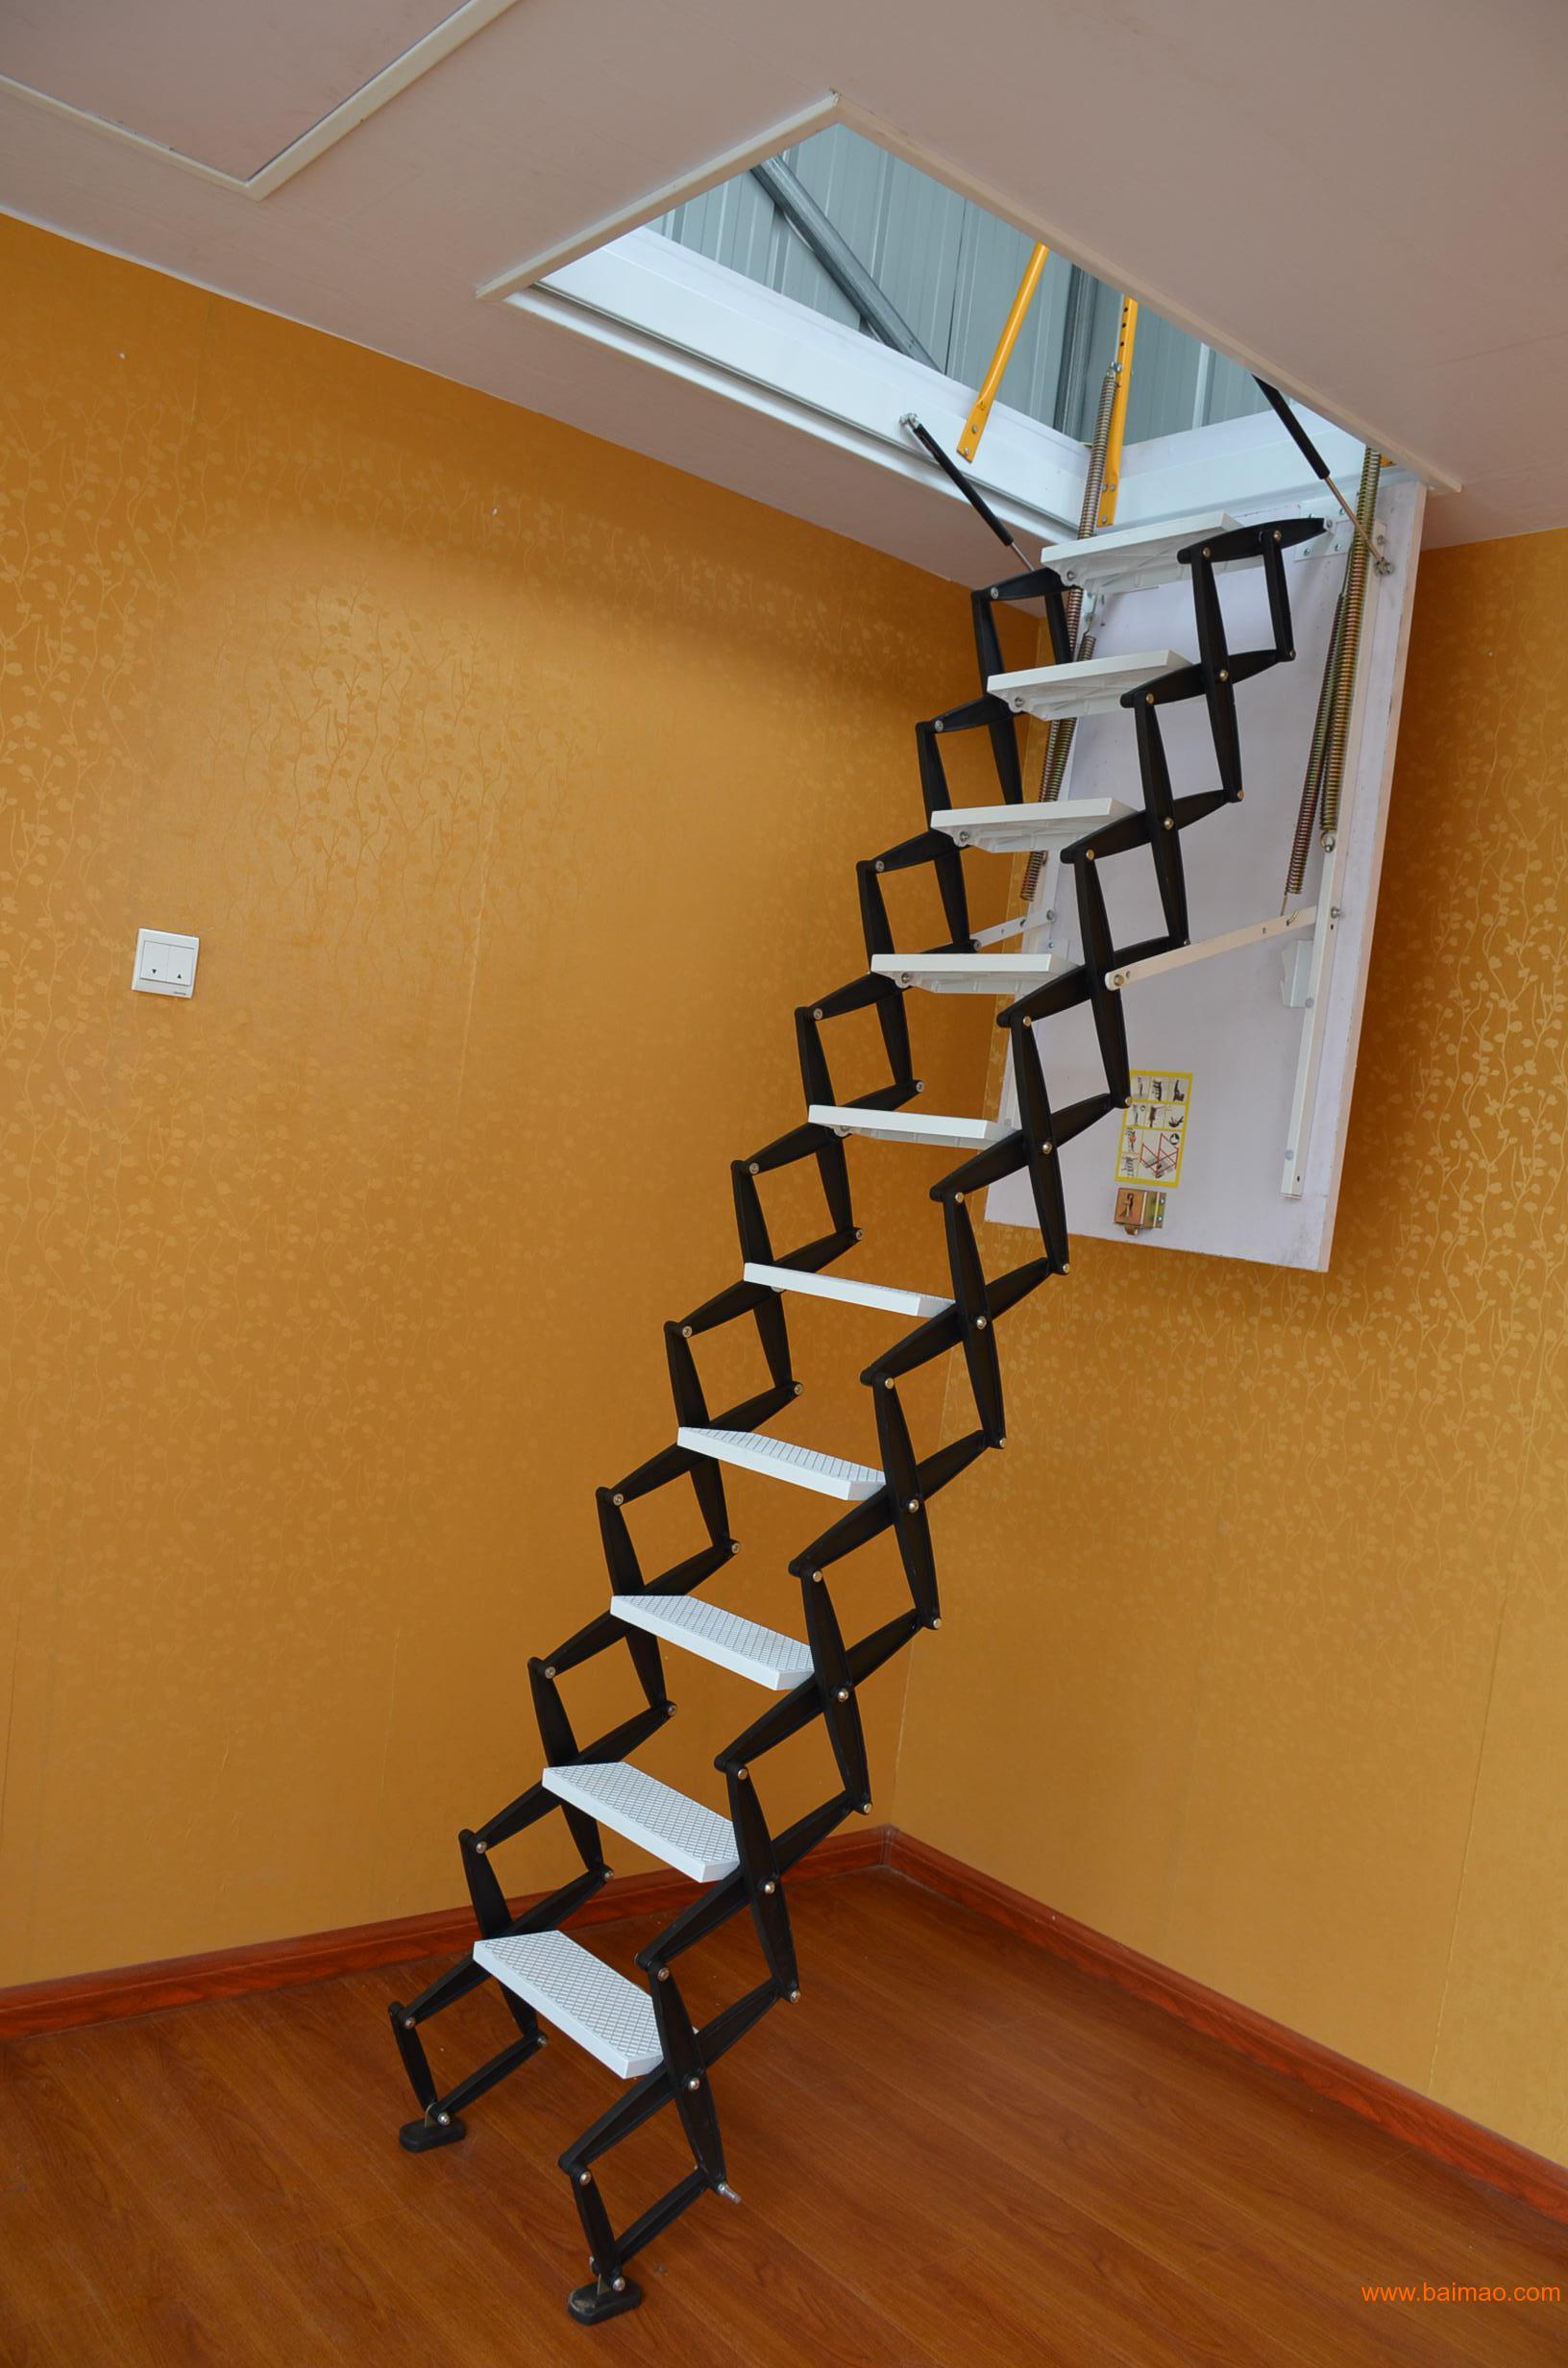 艾达阁楼伸缩楼梯 镁合金室内隐形伸缩楼梯 阁楼楼梯厂家/批发/供应商图片